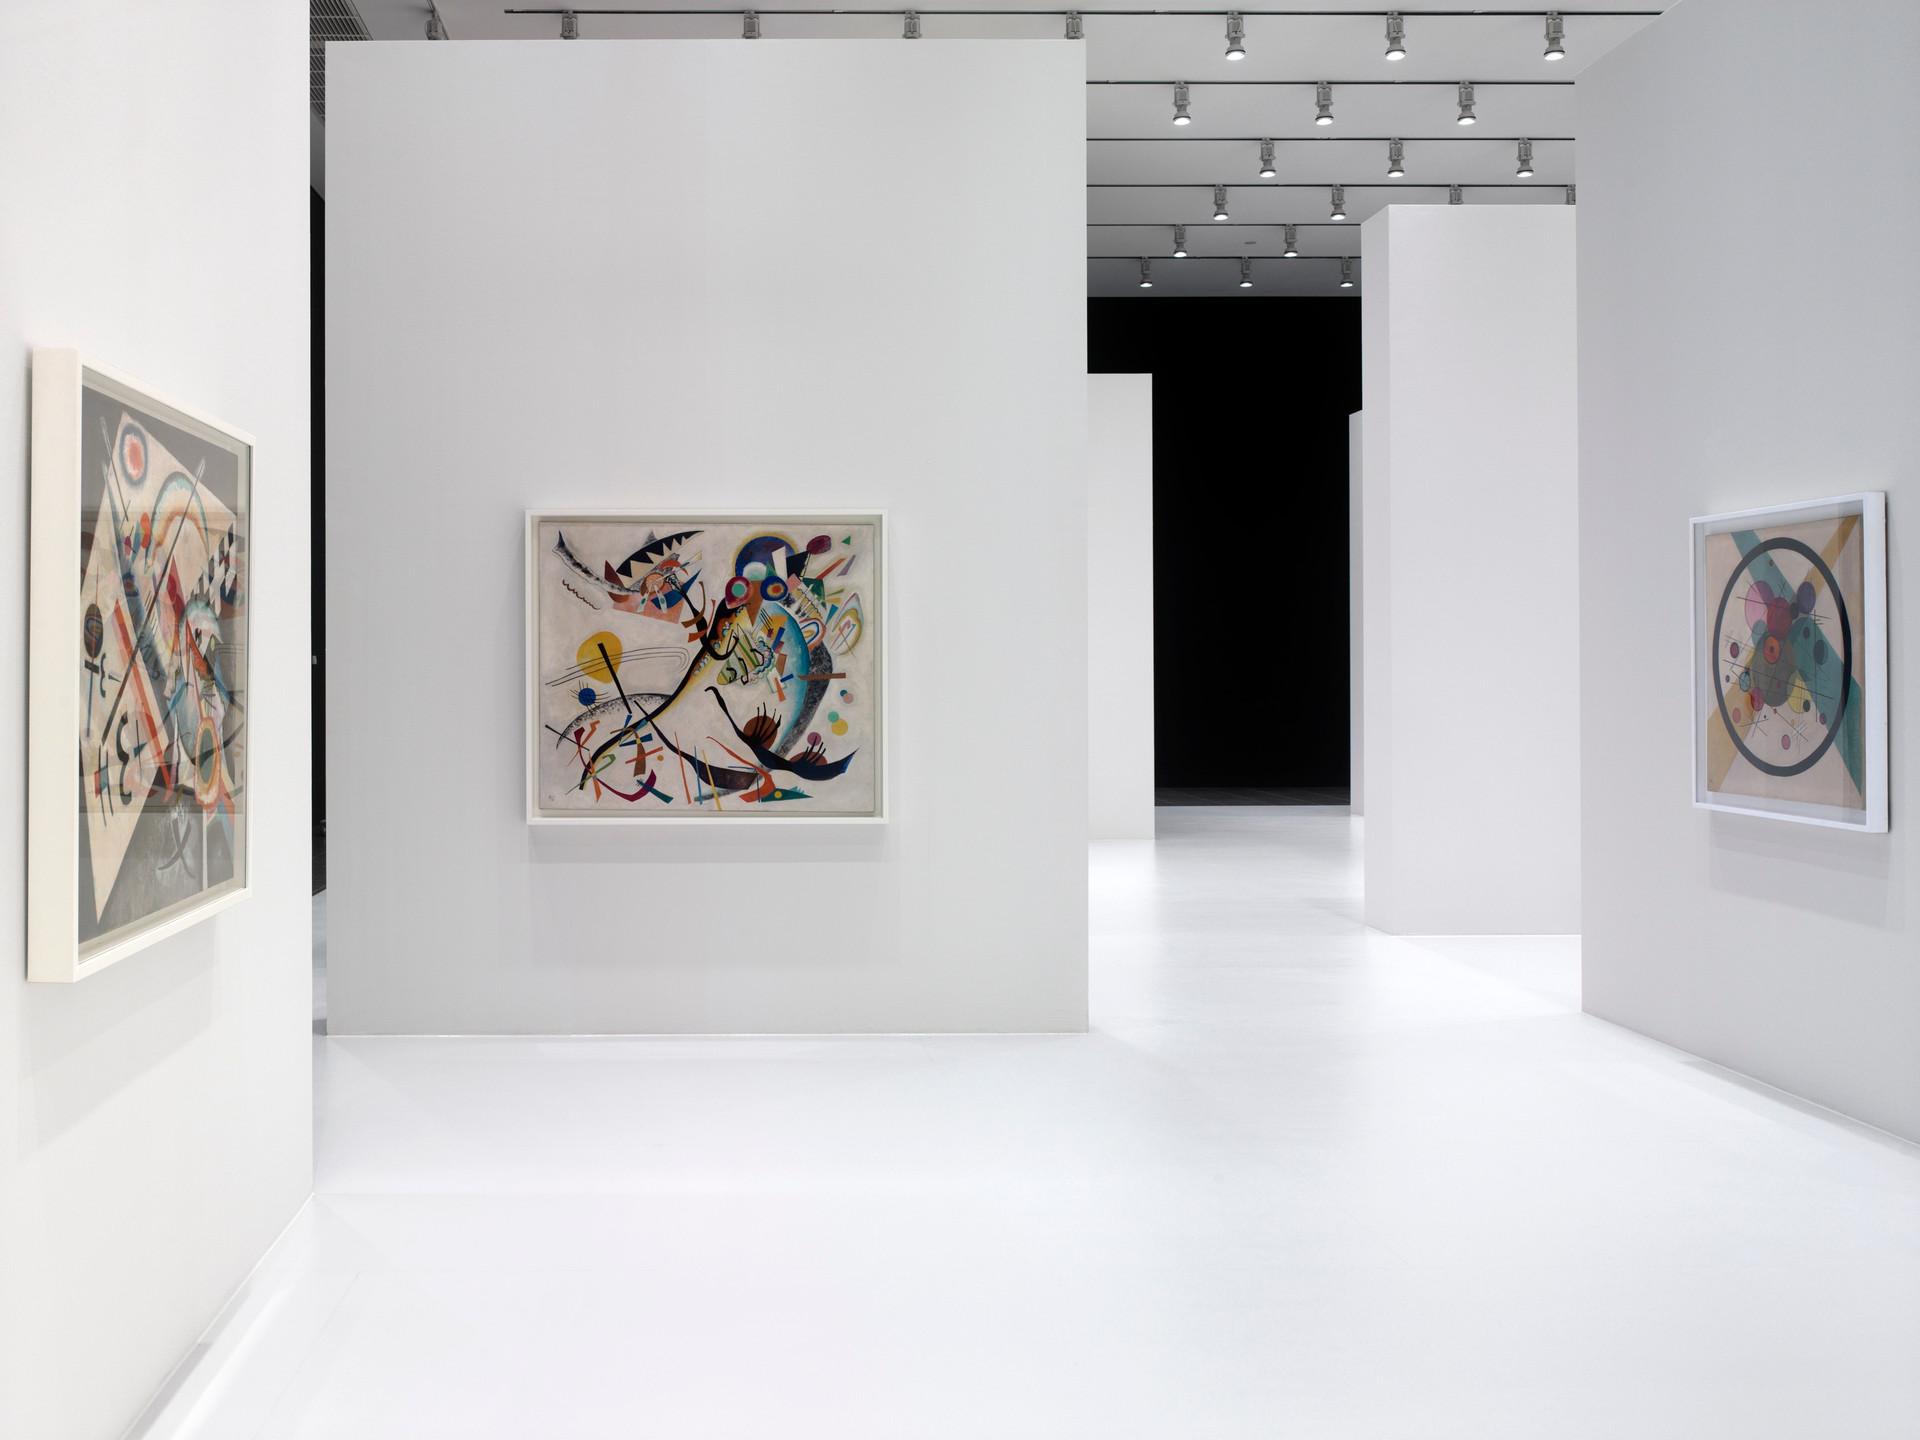 Kandinsky Mondrian Malewitsch, Der weiße Abgrund Unendlichkeit © Thomas Stadler